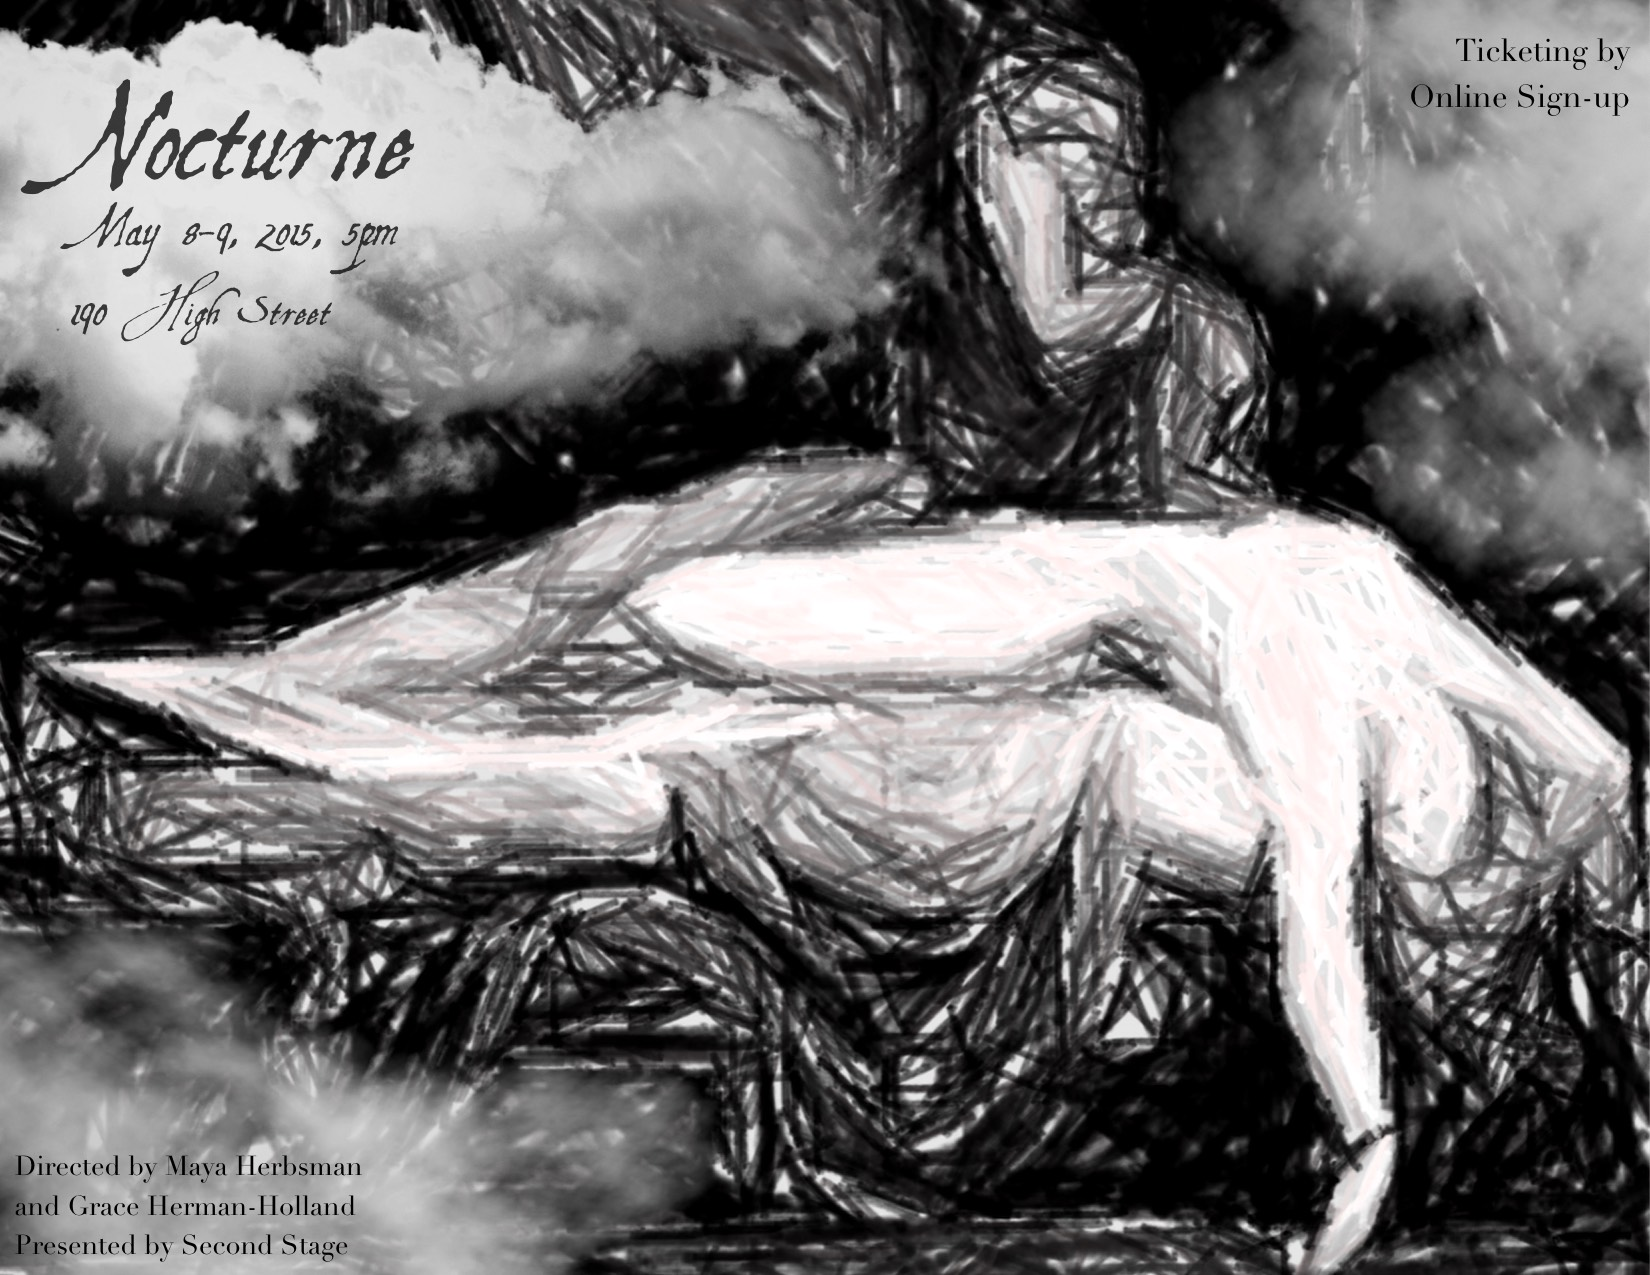 Nocturne Poster.jpeg